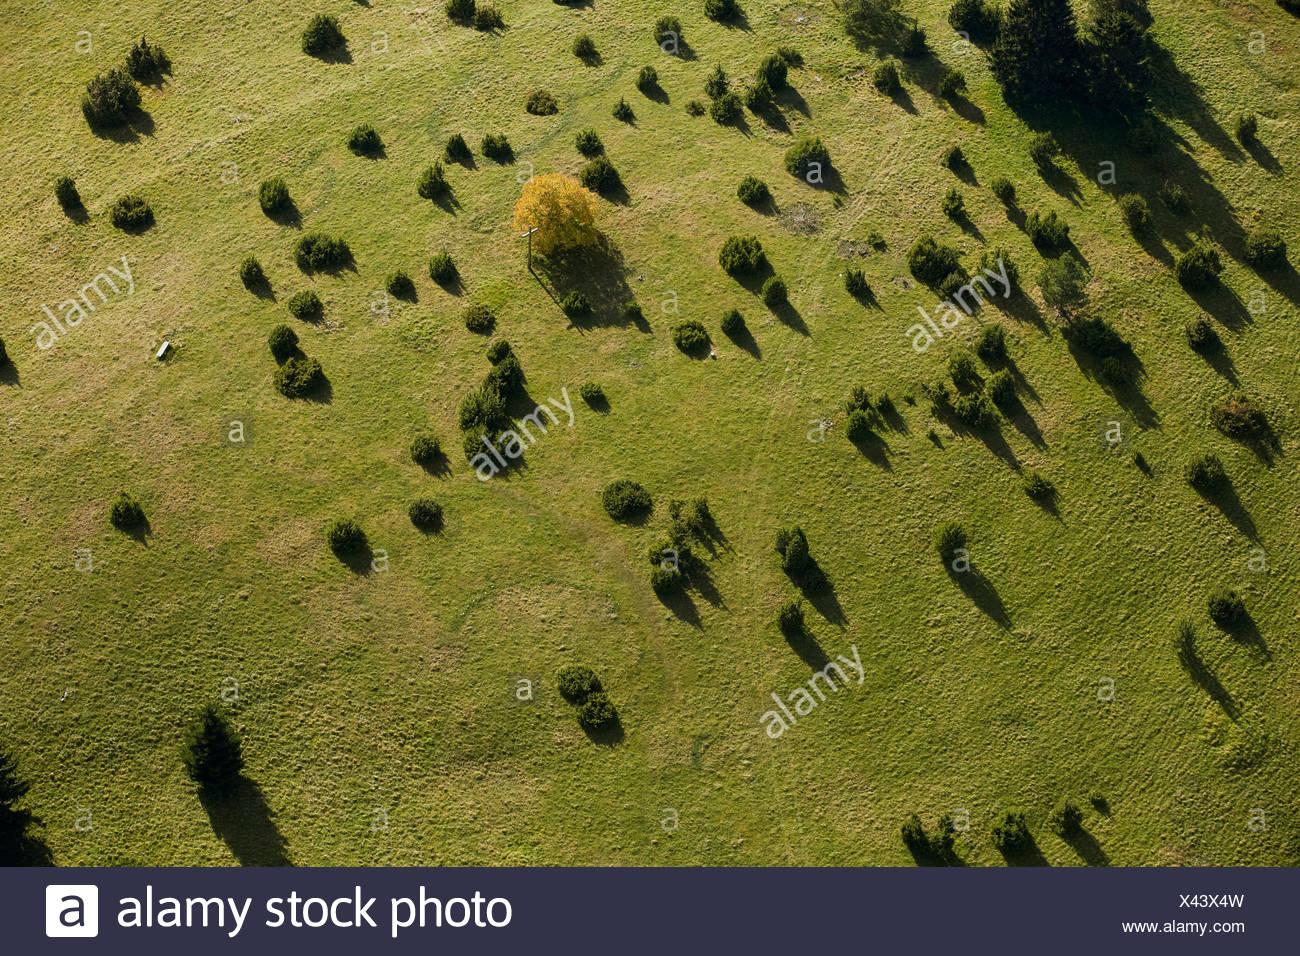 Wacholder Heide auf der Schwäbischen Alb, Baden-Württemberg, Deutschland, Luftaufnahme Stockbild